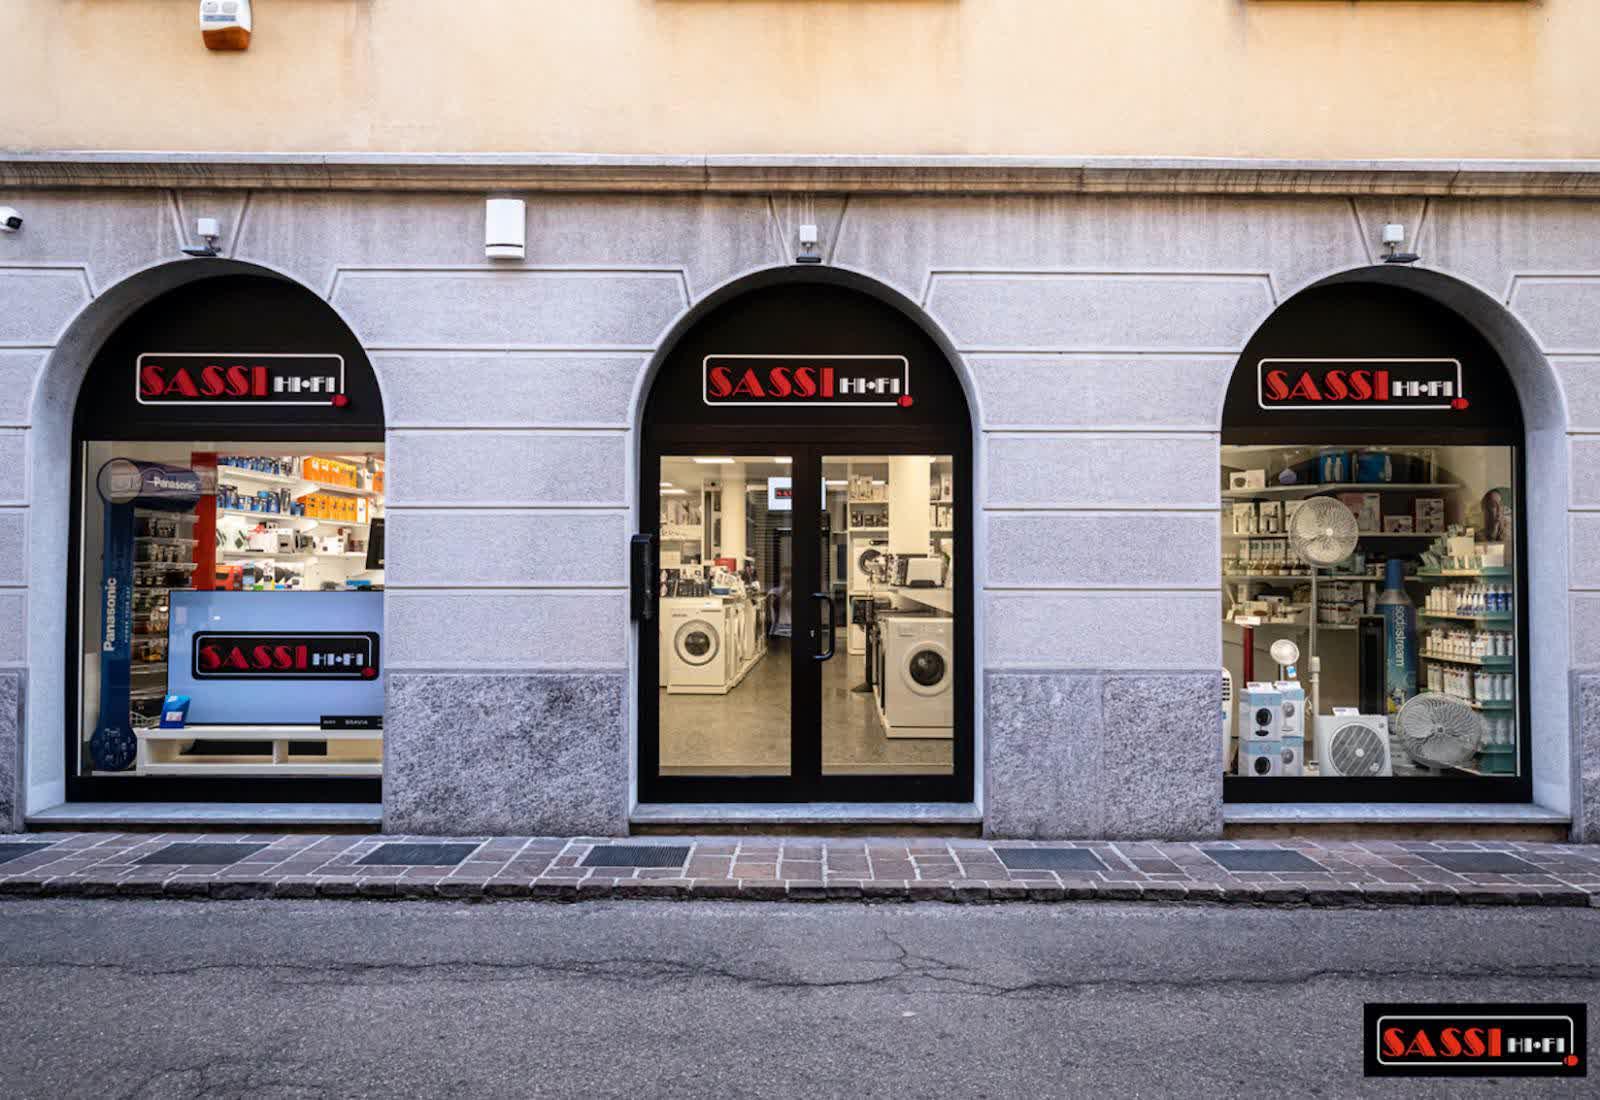 Immagine Sassi Hi-Fi: il piccolo punto vendita con il coraggio di cambiare 4